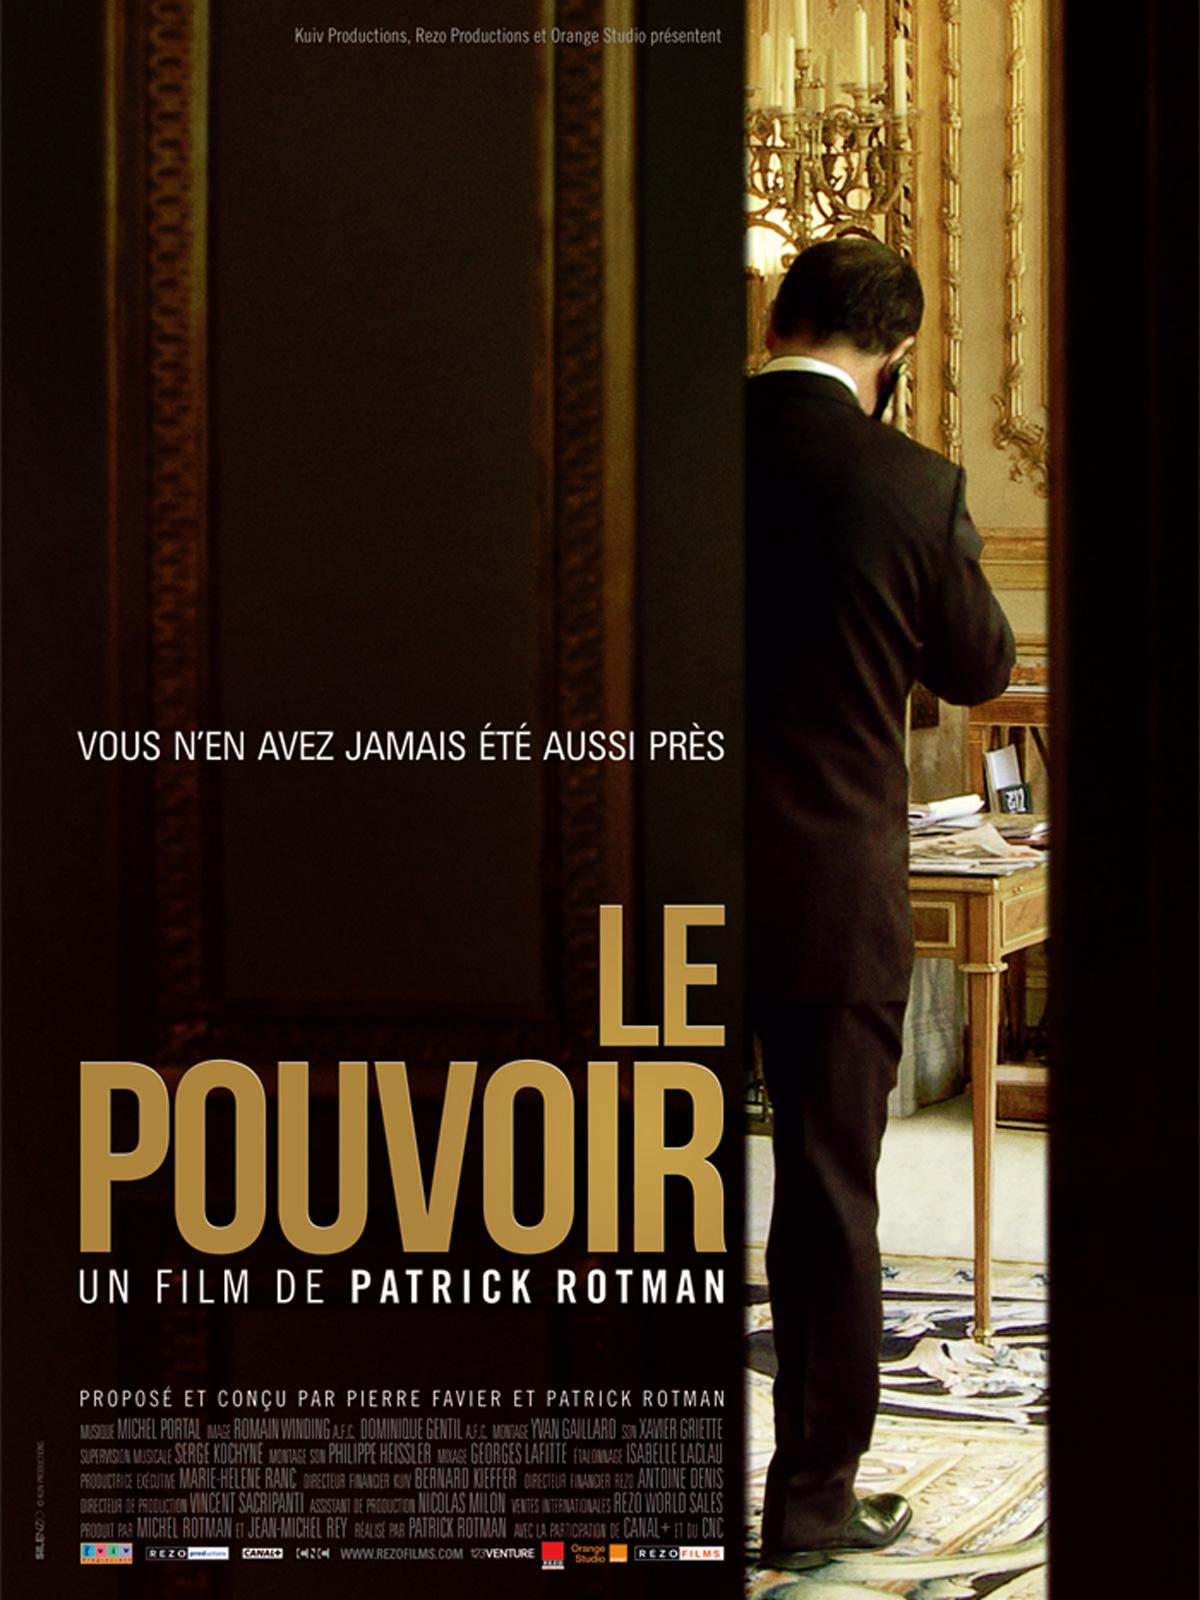 Cinéma, le western - Patrick Brion